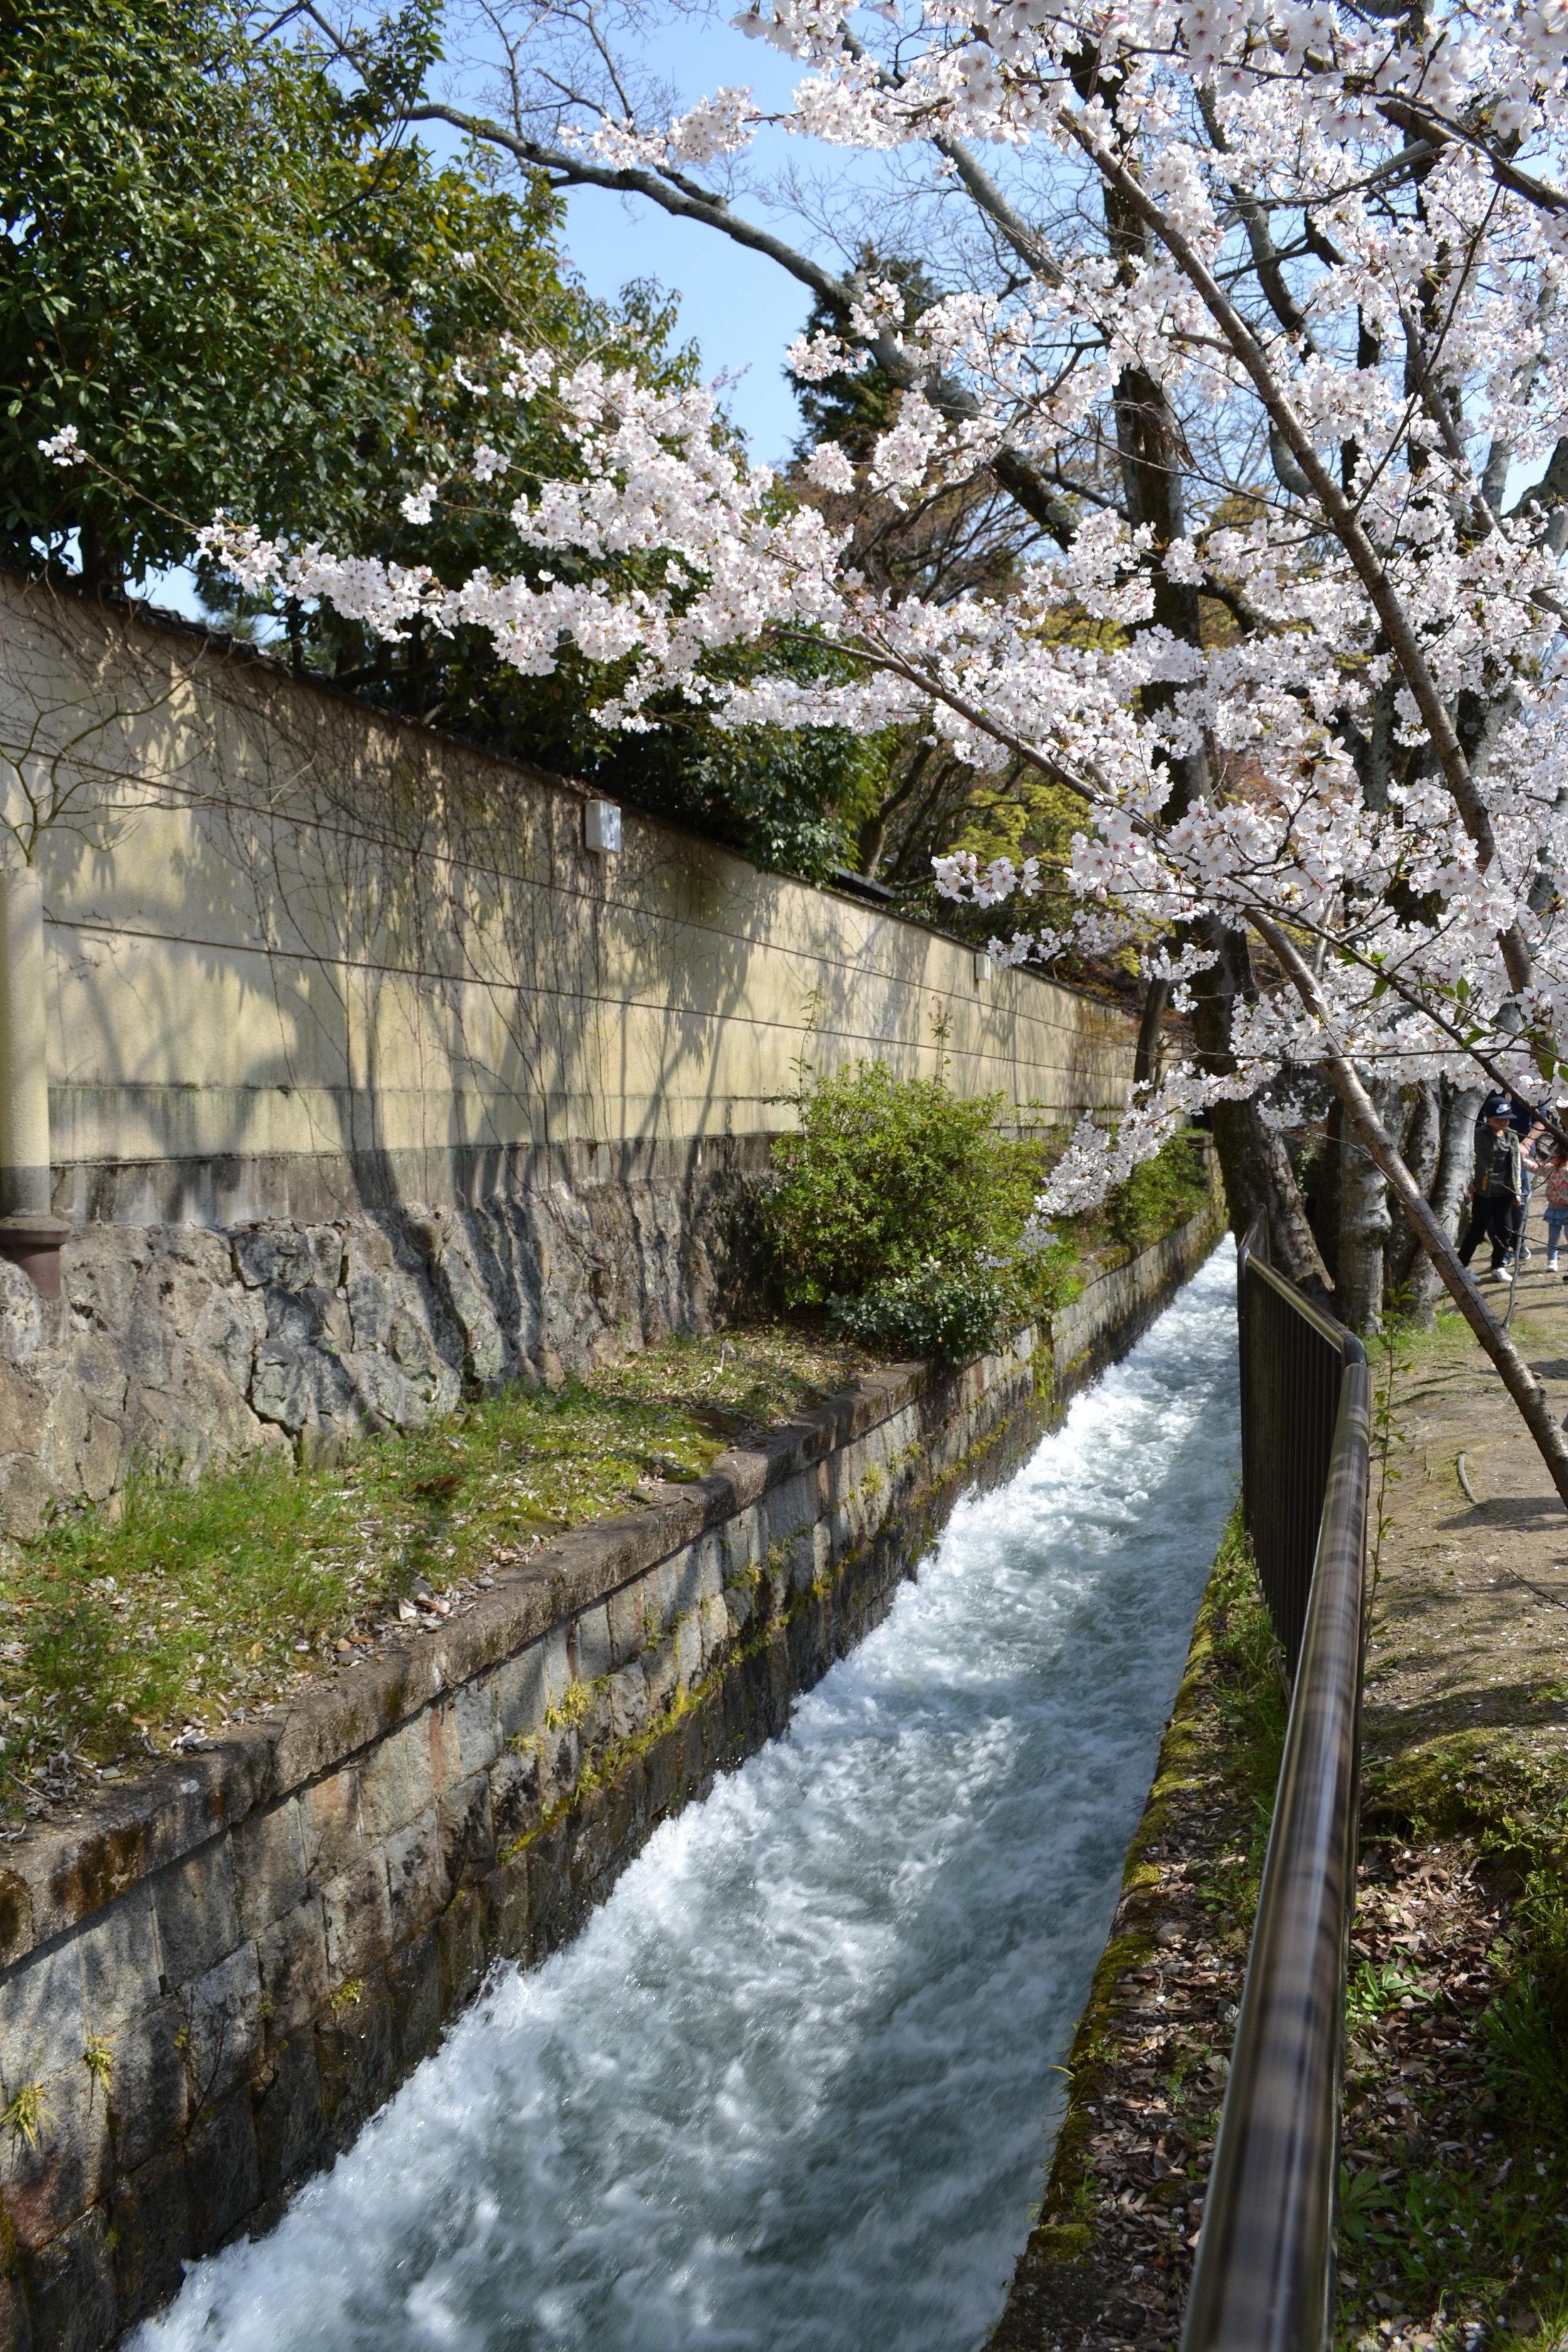 Descendiendo de la Inclinación de Keage, me di cuenta de la agua bajando hacía el canal. Los pétalos de las flores se caían y la agua los llevaba a rápidamente al canal.